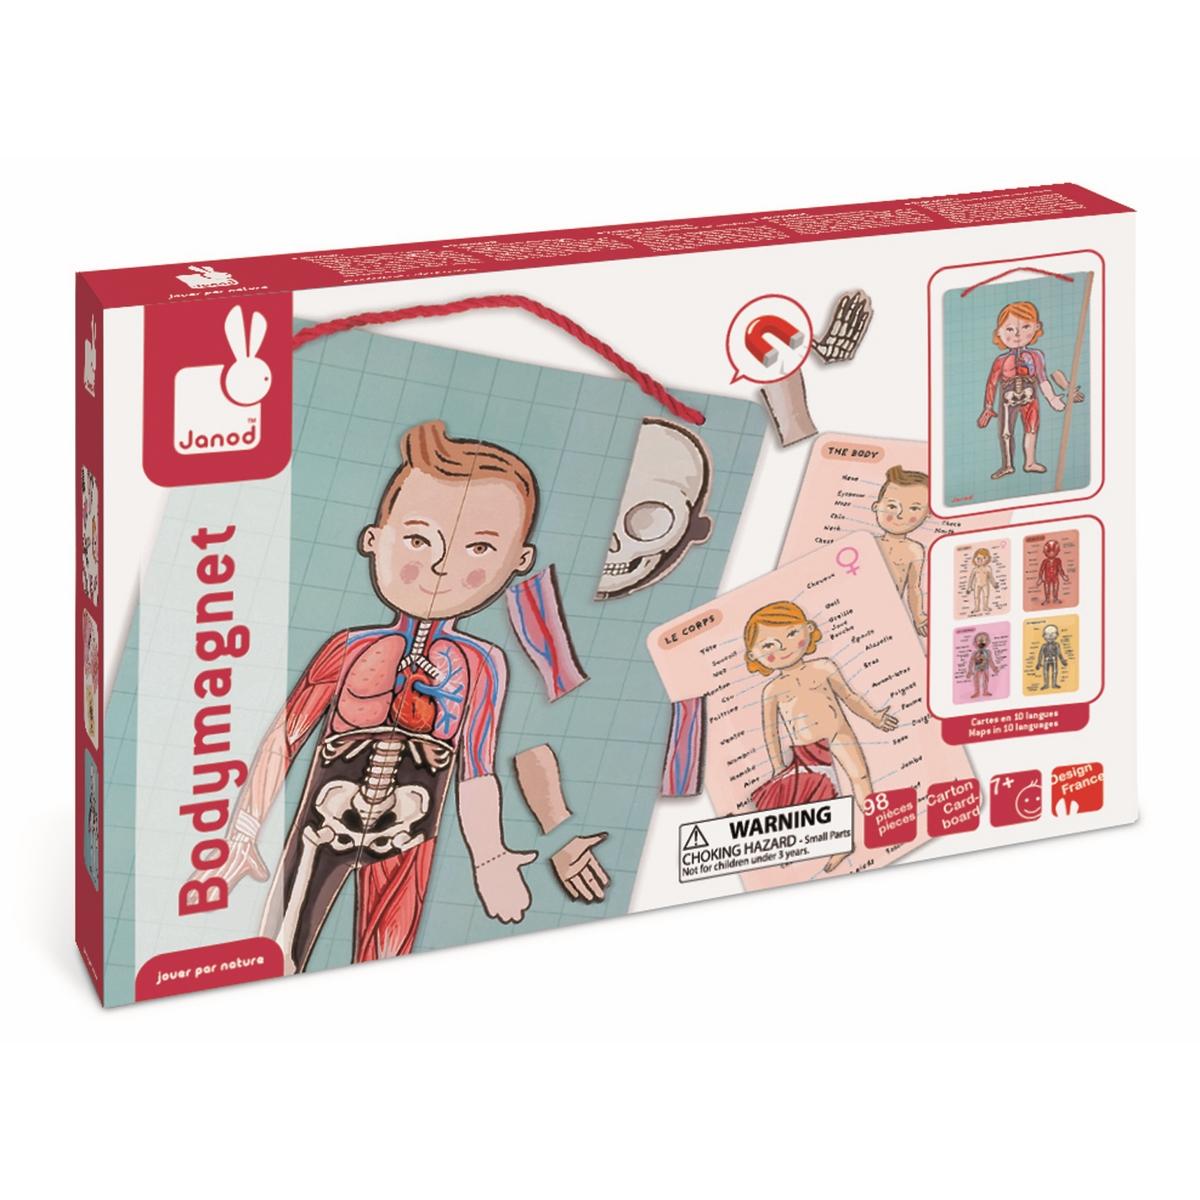 Janod Карточки-магниты Части телаJ05491Игра – самый действенный способ привить Вашему малышу определенные навыки и сделать из скучного процесса обучения интересное и веселое занятие. Игра магнитная Тело Все элементы набора выполнены из плотного высококачественного картона и снабжены специальными магнитами для соединения друг с другом. Основой является планшет, который можно повесить в детской комнате на стену. Для этого предусмотрен красный шнурок. Размер планшета 26 х 41,5 см. В комплект входят 18 карточек с надписями на 11 языках. Надписи поясняют изображение на схемах: внешнее строение человека, мышцы, внутренние органы, скелет. Кроме того, набор включает в себя 76 элементов с изображением внешнего и внутреннего строения человека. Так же прилагается деревянная указка. Ребенок расставляет элементы на планшете в соответствии с изображением на карточке. При этом он получает представление о строении тела человека, запоминает новые слова и понятия. А так же учит эти понятия на разных языках. Игры подобного рода развивают...